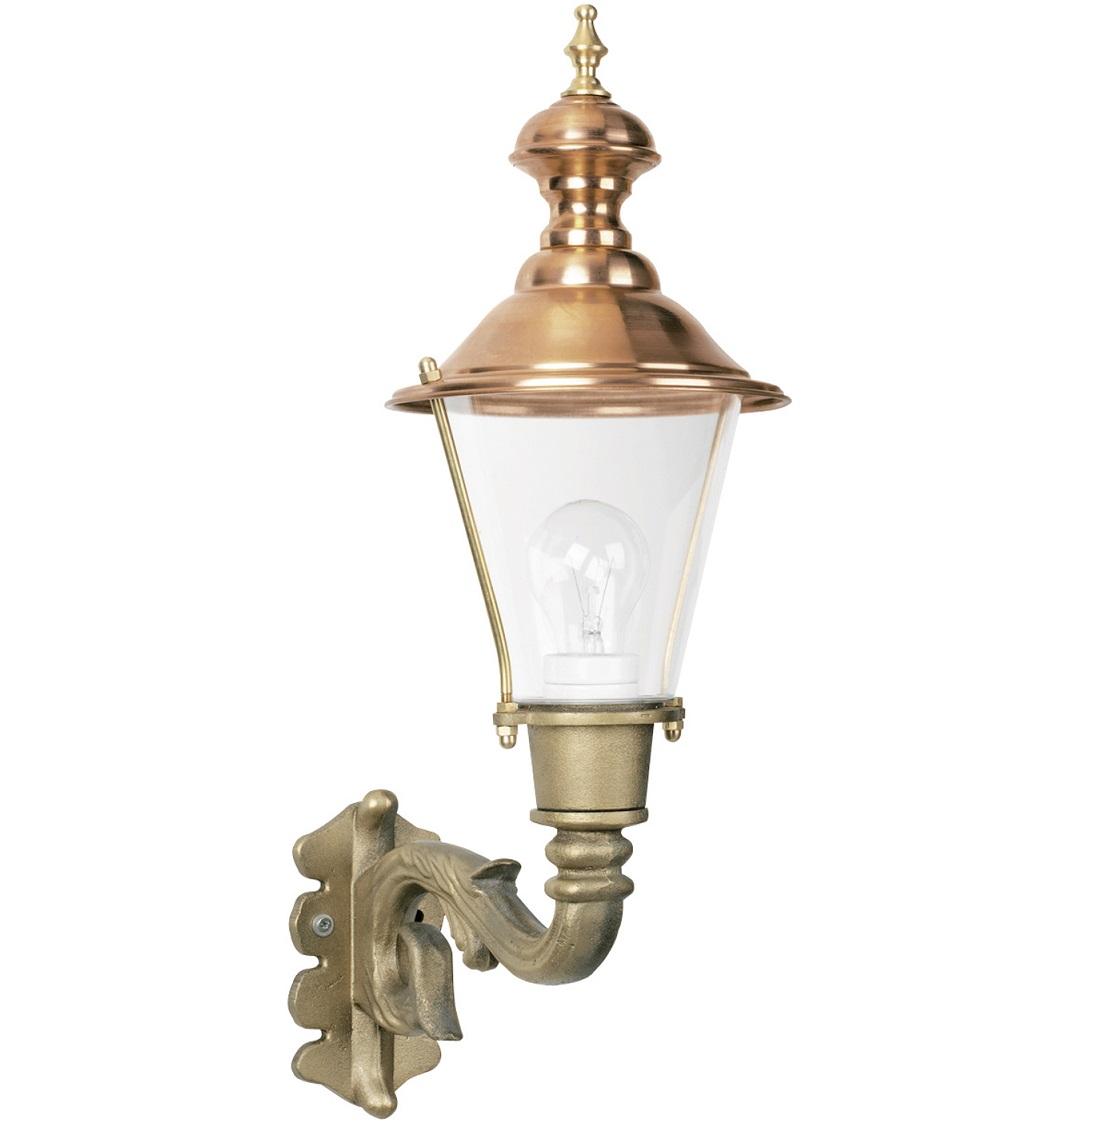 Utelampa Ravensburg i klassisk stil. Handtillverkad utelampa i koppar och brons, höjd 55 cm.